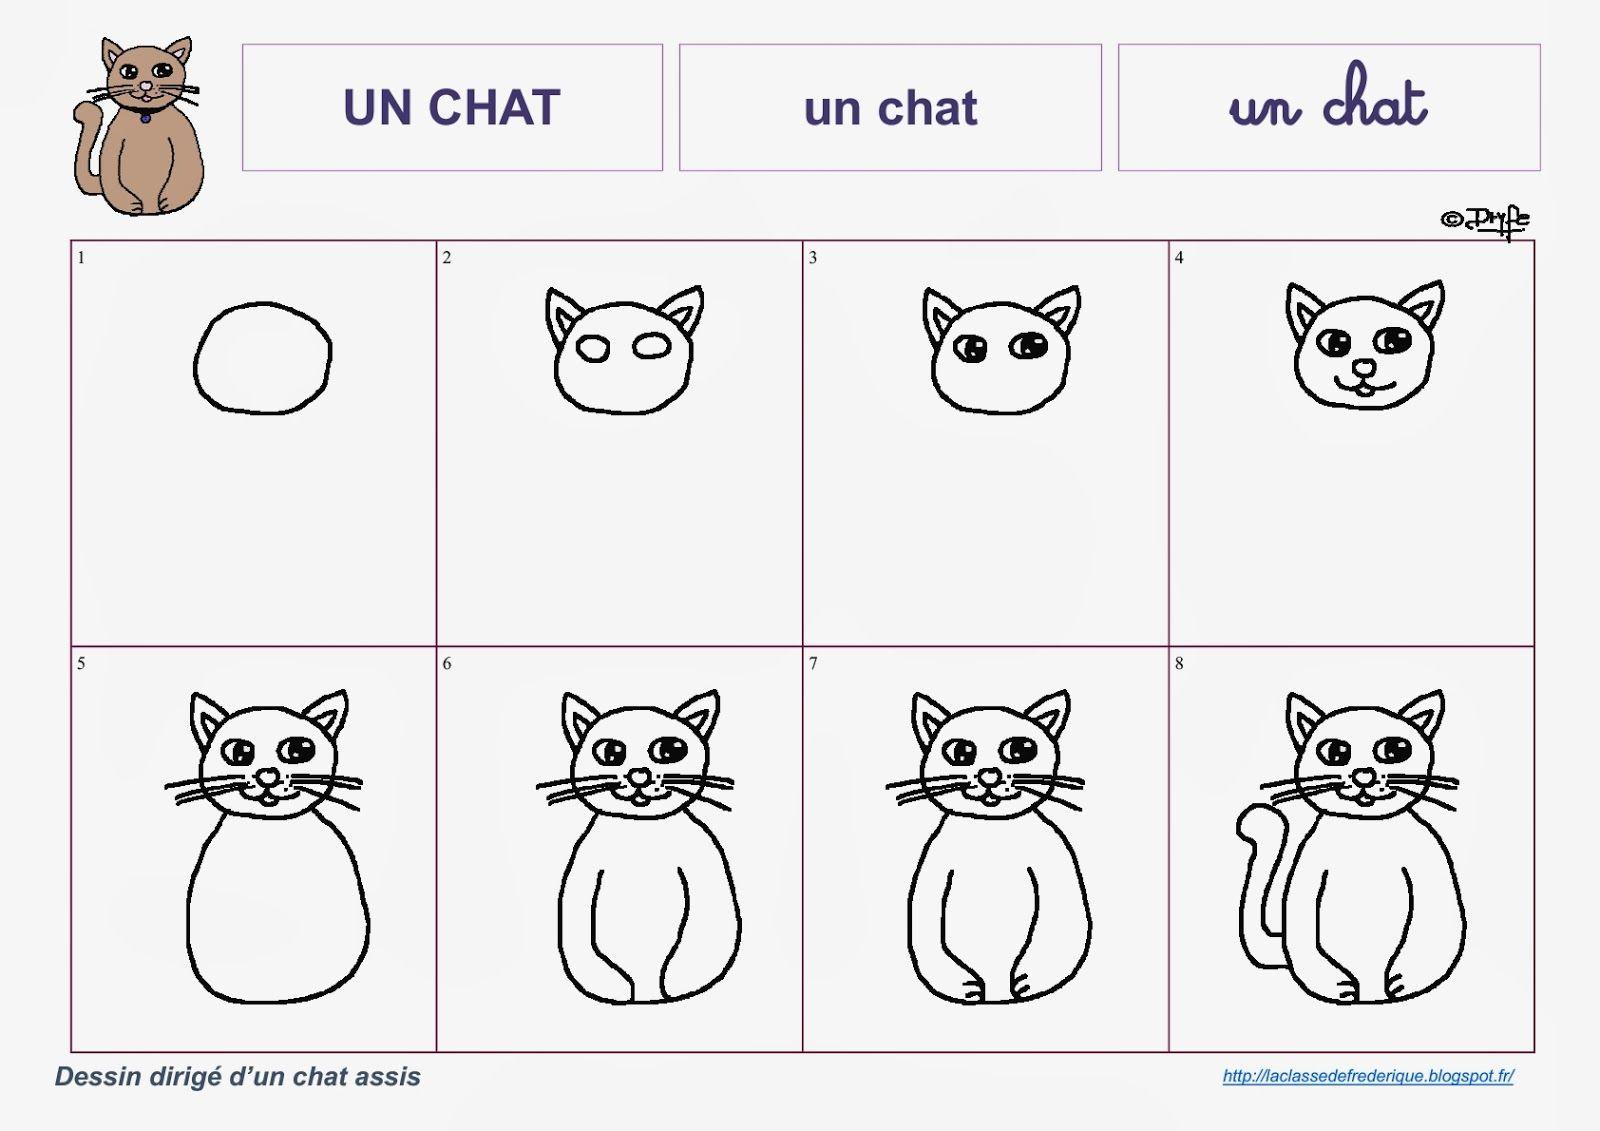 Dessins Dirigés | Apprendre À Dessiner Un Chat, Dessin, Chat encequiconcerne Apprendre À Dessiner En Maternelle